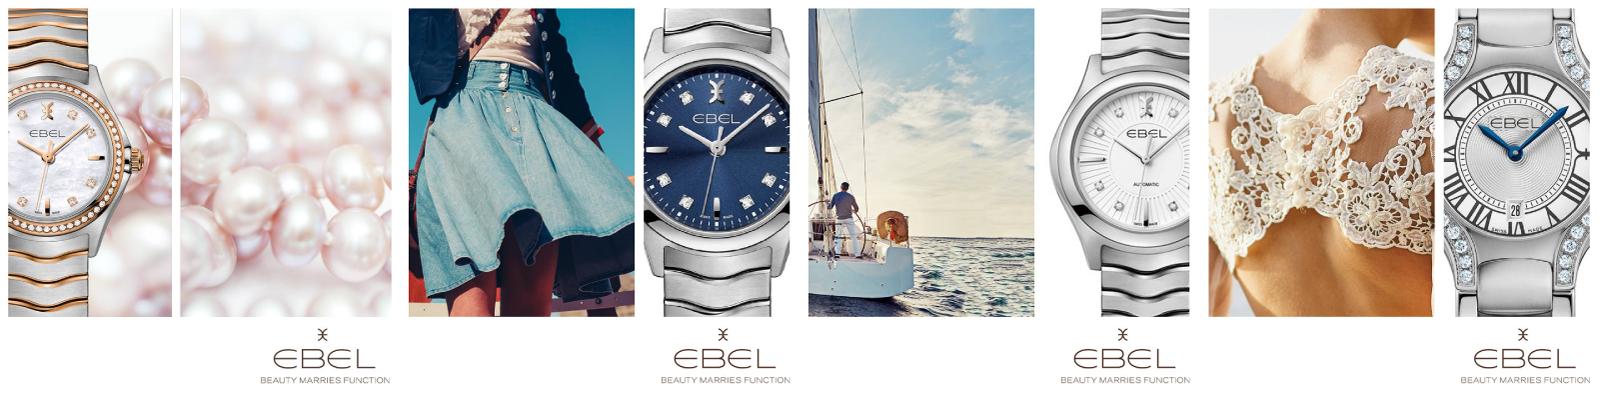 Ebel-horloges-scherpe-prijzen-bij-Wolters-Juweliers-Coevorden-Emmen